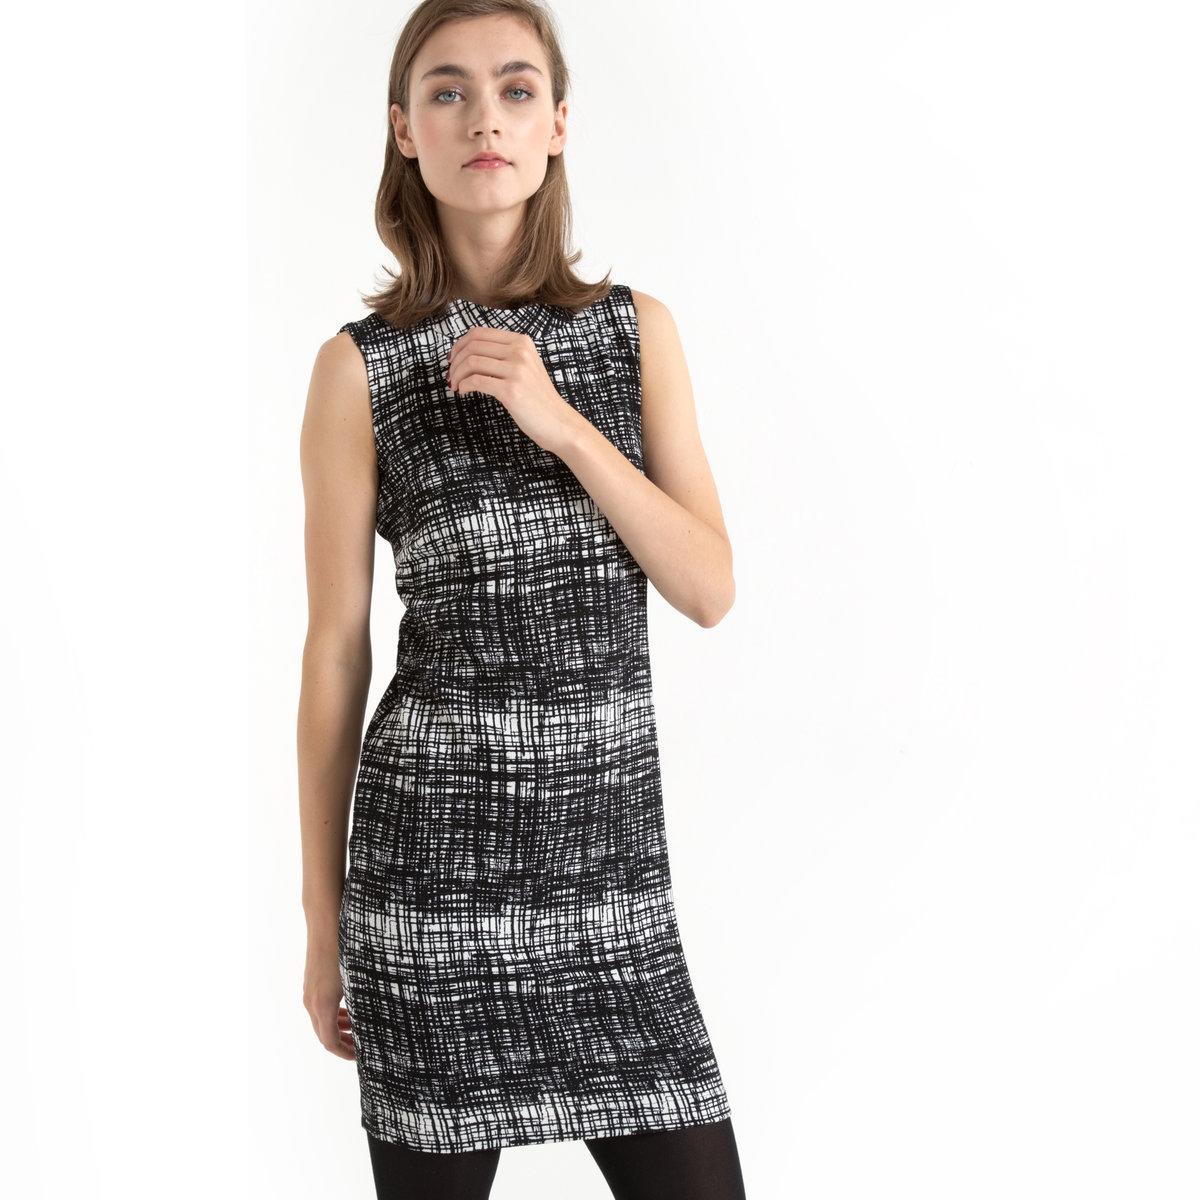 Платье приталенное без рукавовПлатье без рукавов - B.YOUNG . Оригинальное платье с карандашным рисунком в клетку в духе 60-х. Слегка приталенный покрой . Высокий воротник-стойка . Вырез на спине в форме капли с застежкой на пуговицы. 96% полиэстера, 4% эластана .<br><br>Цвет: черный/ белый